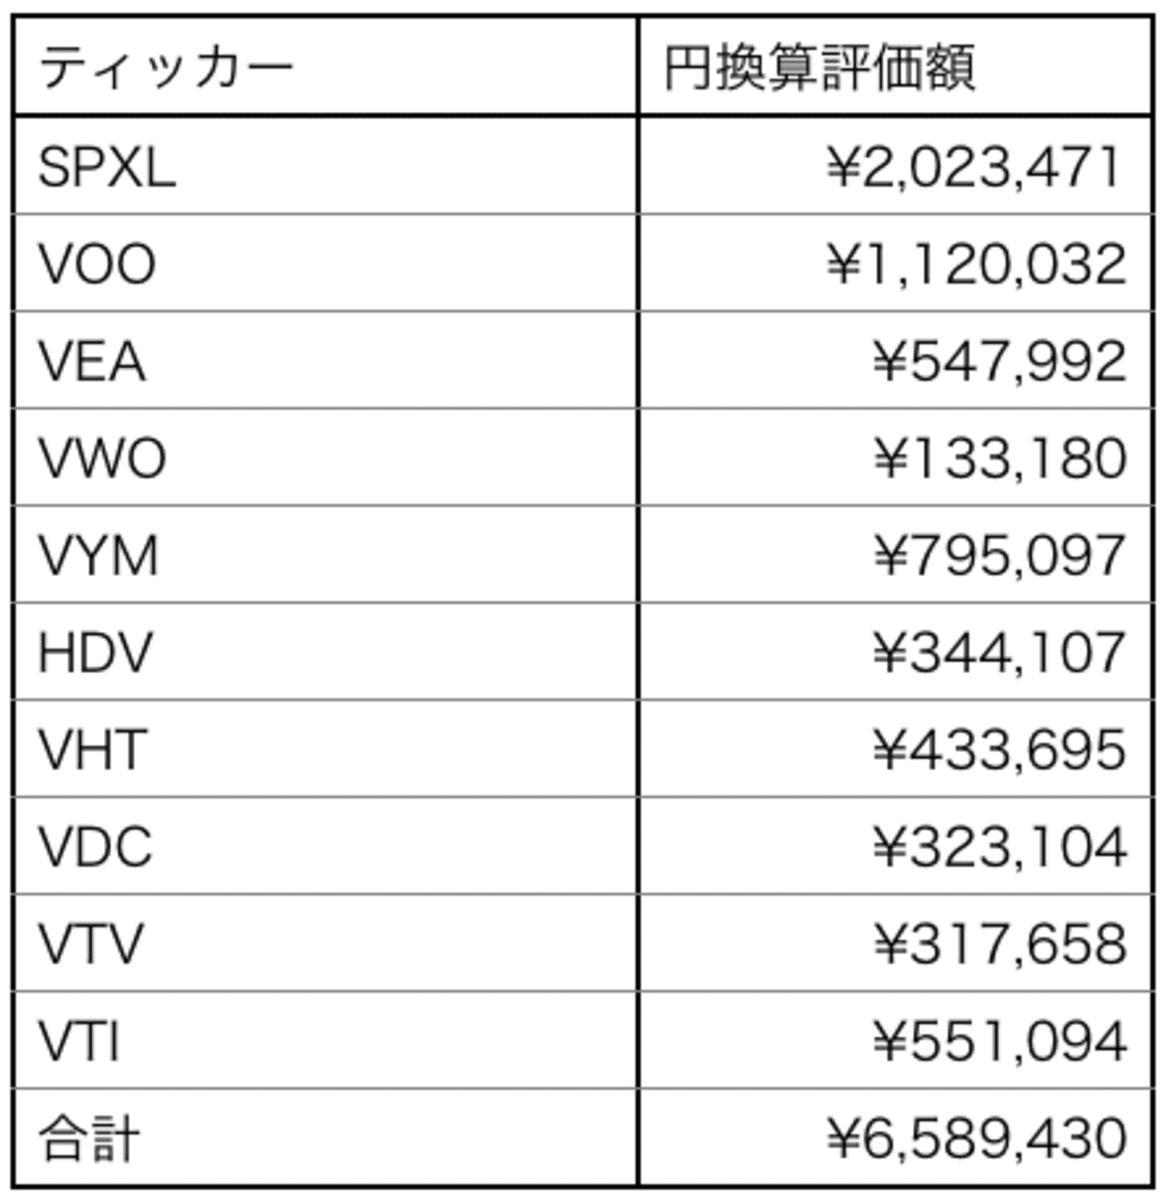 2019年11月の資産額表